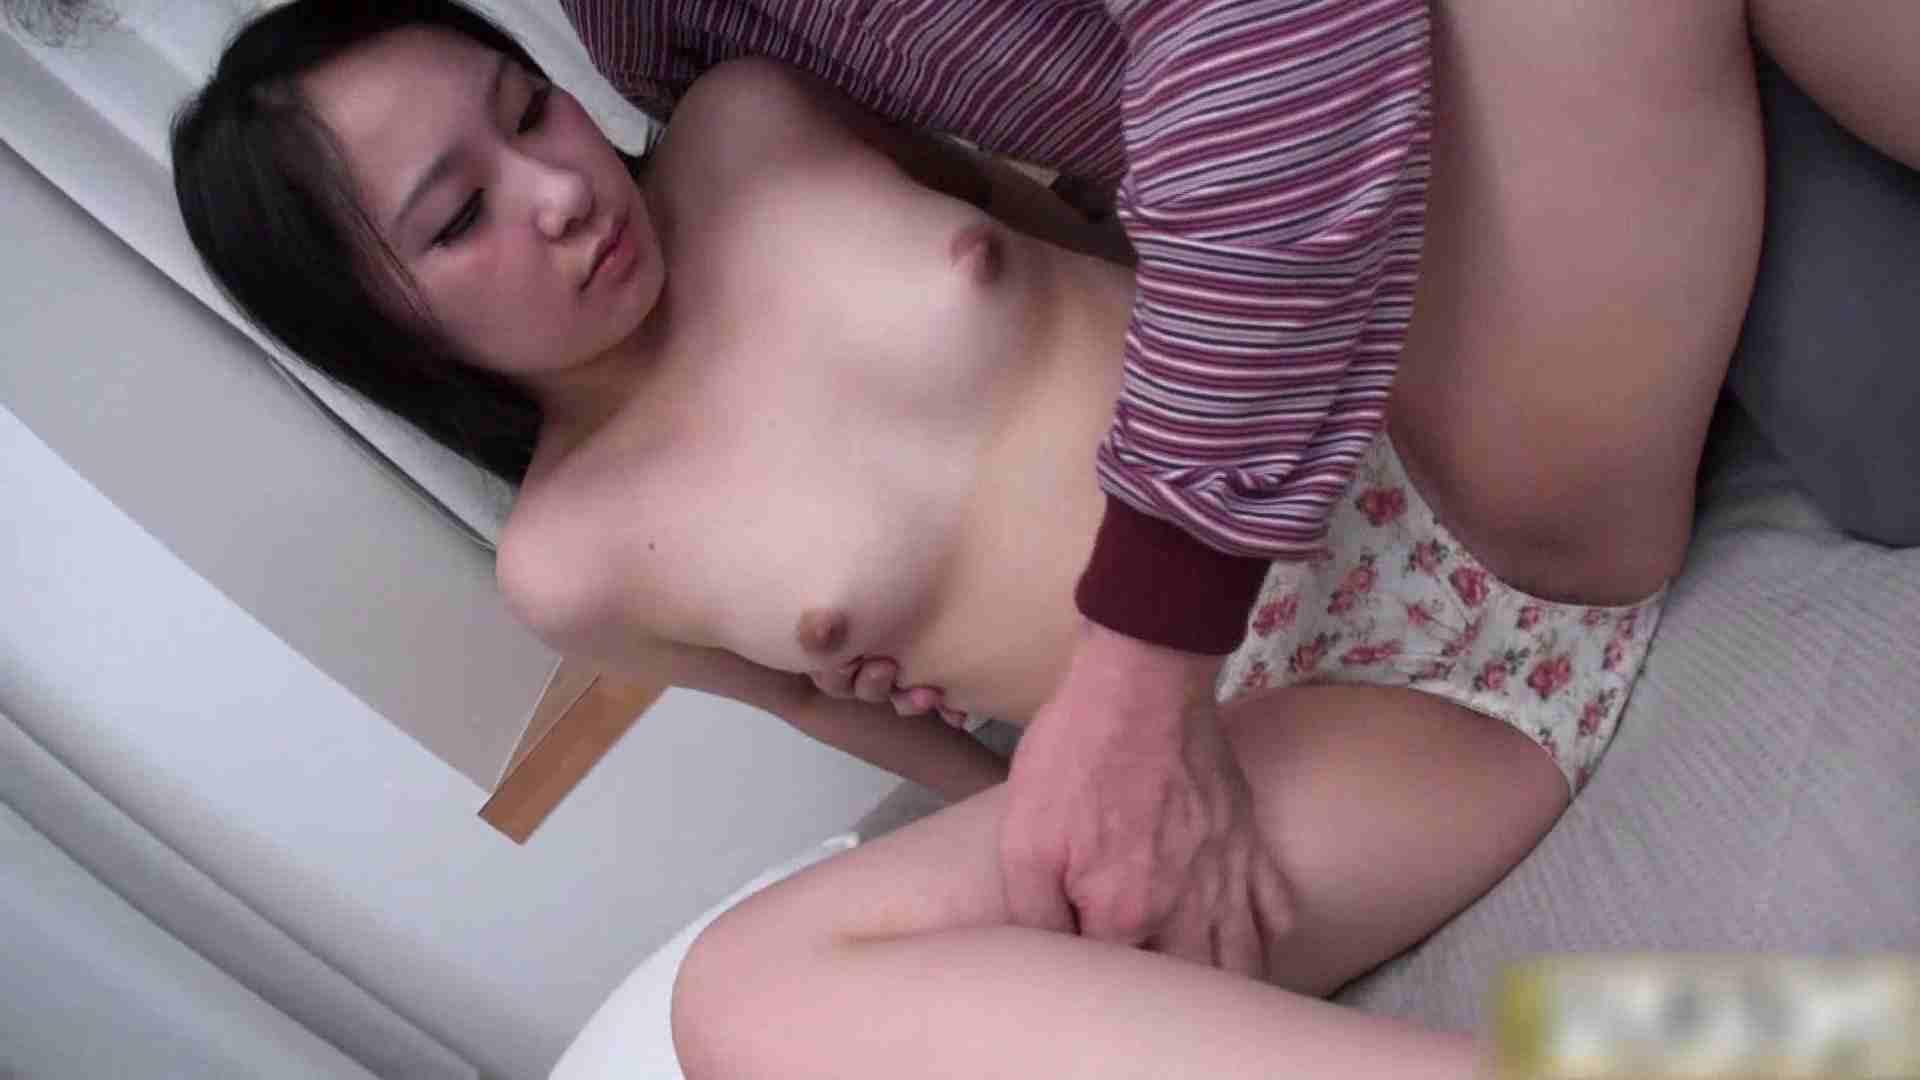 おしえてギャル子のH塾 Vol.12 前編 ギャルのエロ生活 セックス画像 57連発 22